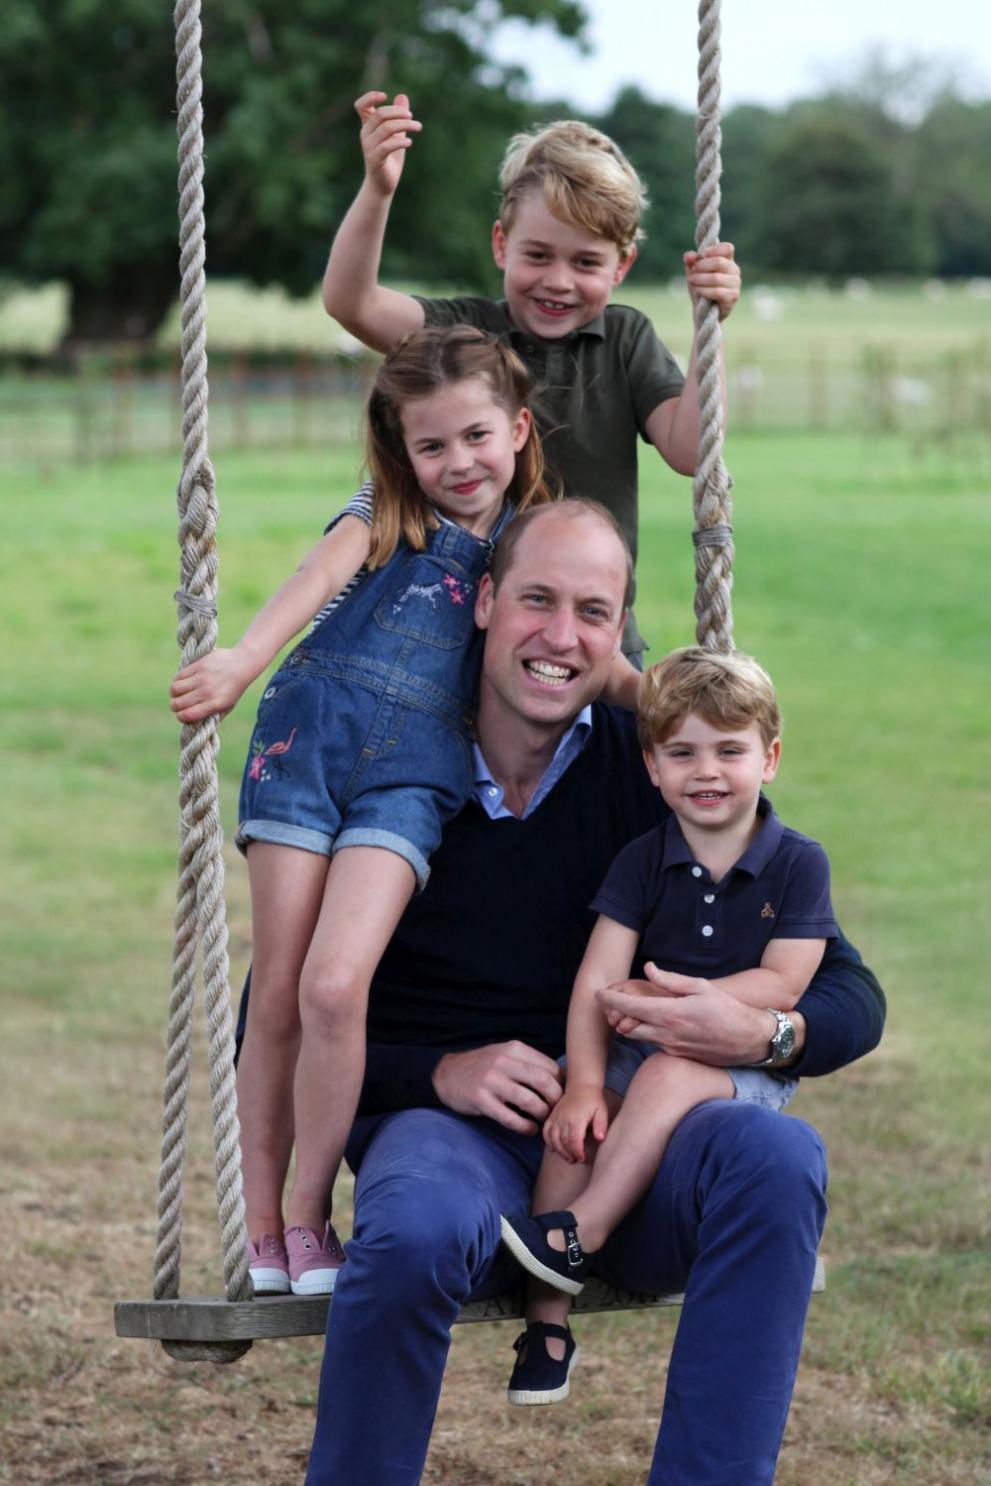 <p><strong>5. Частни самолети</strong></p>  <p>Преките наследници на трона не могат да летят заедно на дълги разстояния. Например, когато принц Джордж, един от претендентите за британския трон, навърши 12 години, той ще трябва да лети с различни самолети с баща си, принц Уилям.</p>